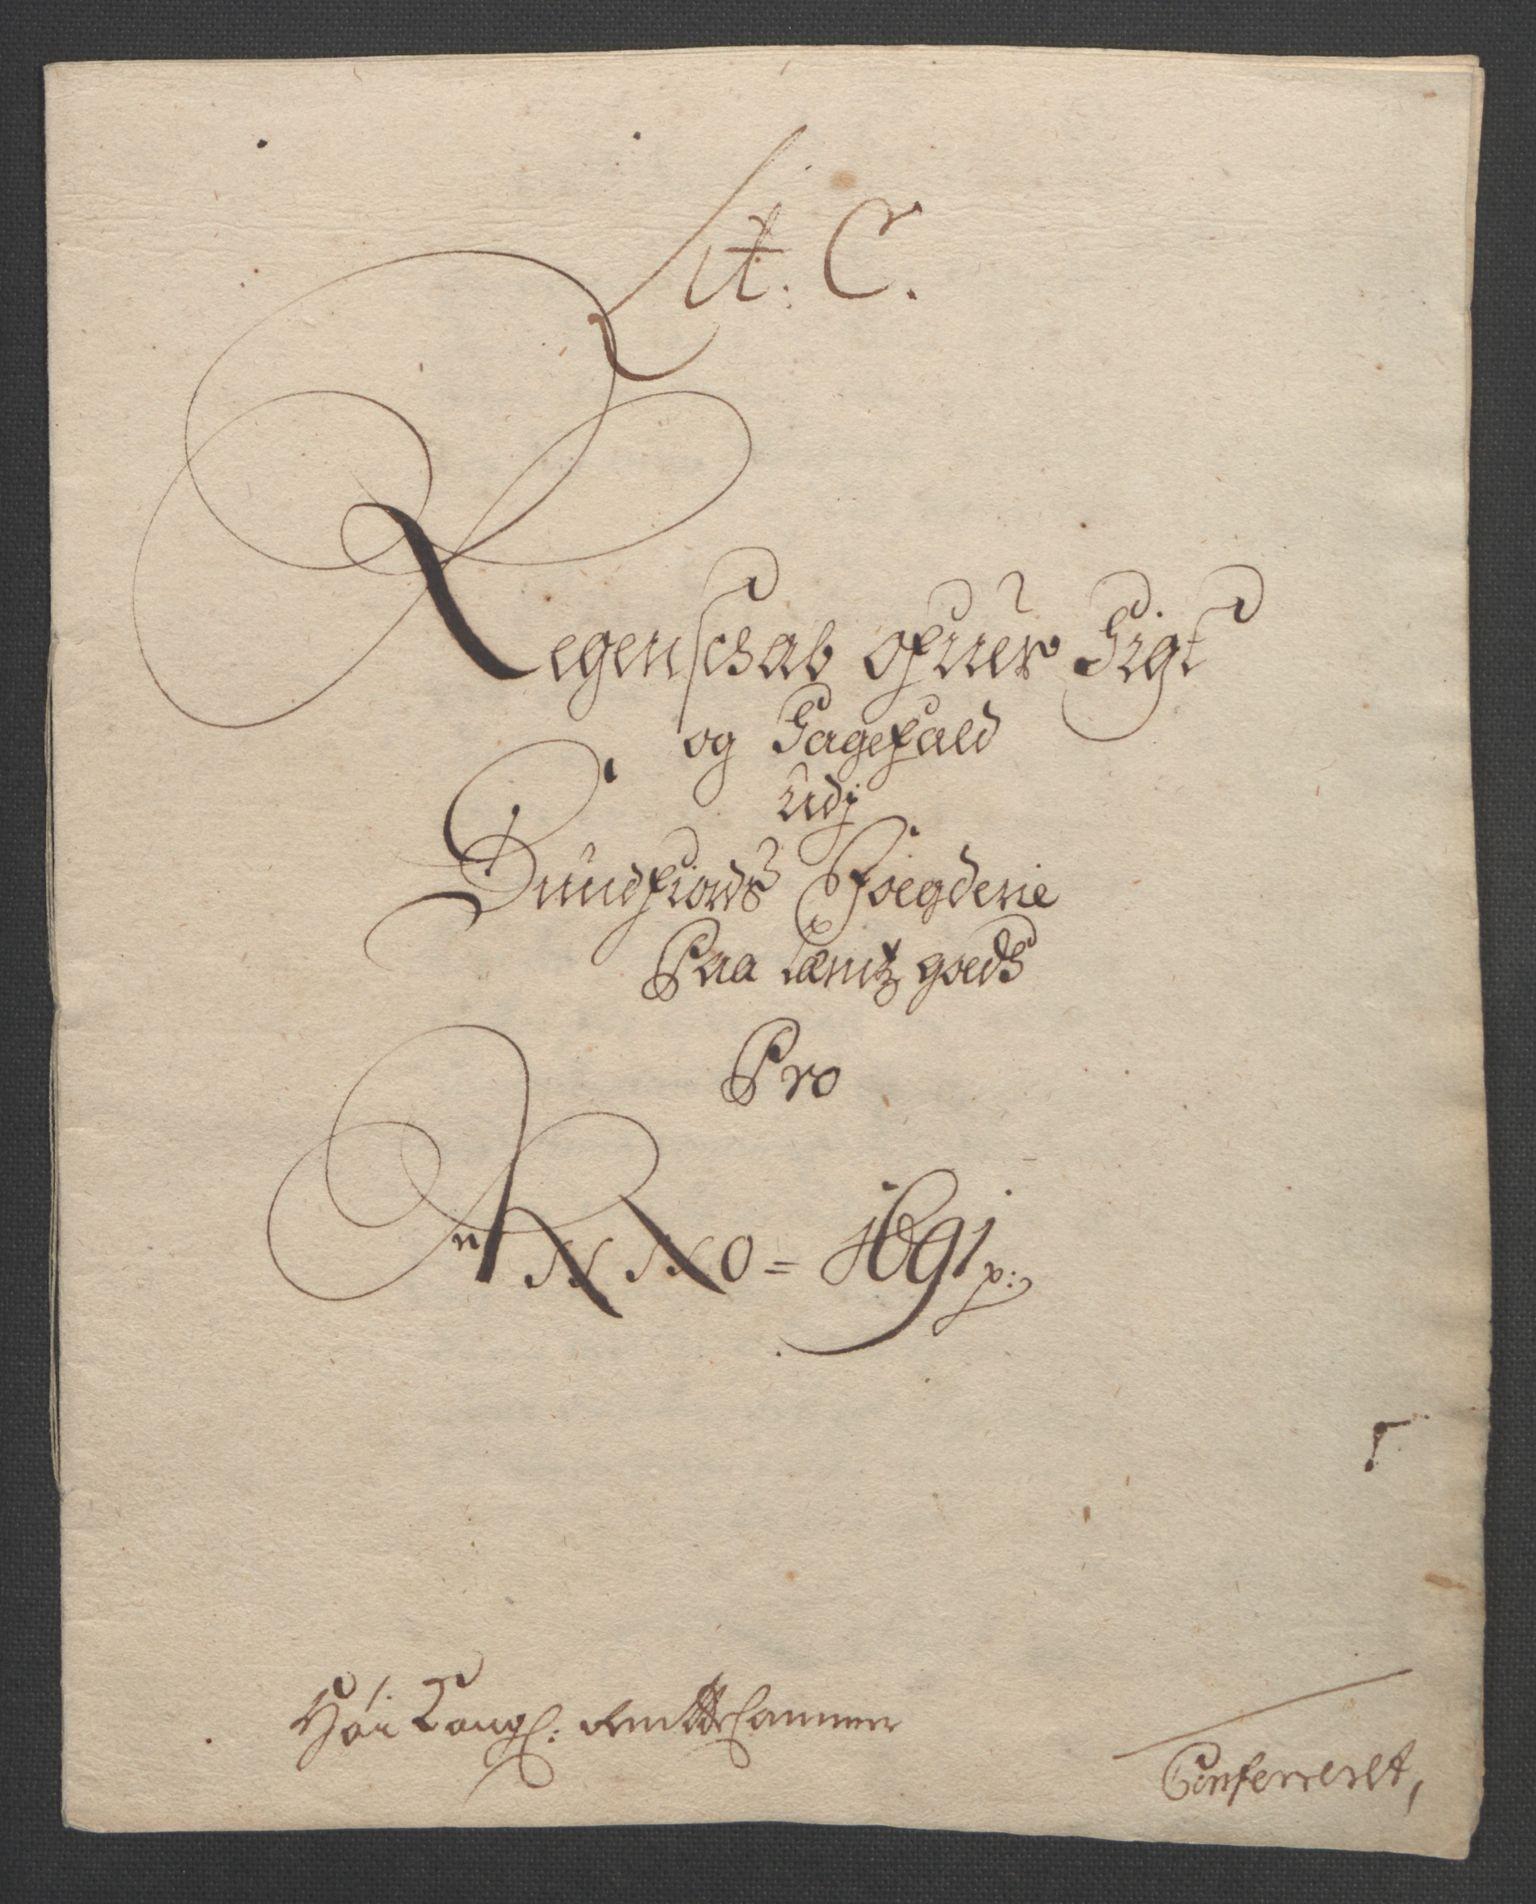 RA, Rentekammeret inntil 1814, Reviderte regnskaper, Fogderegnskap, R53/L3420: Fogderegnskap Sunn- og Nordfjord, 1691-1692, s. 81